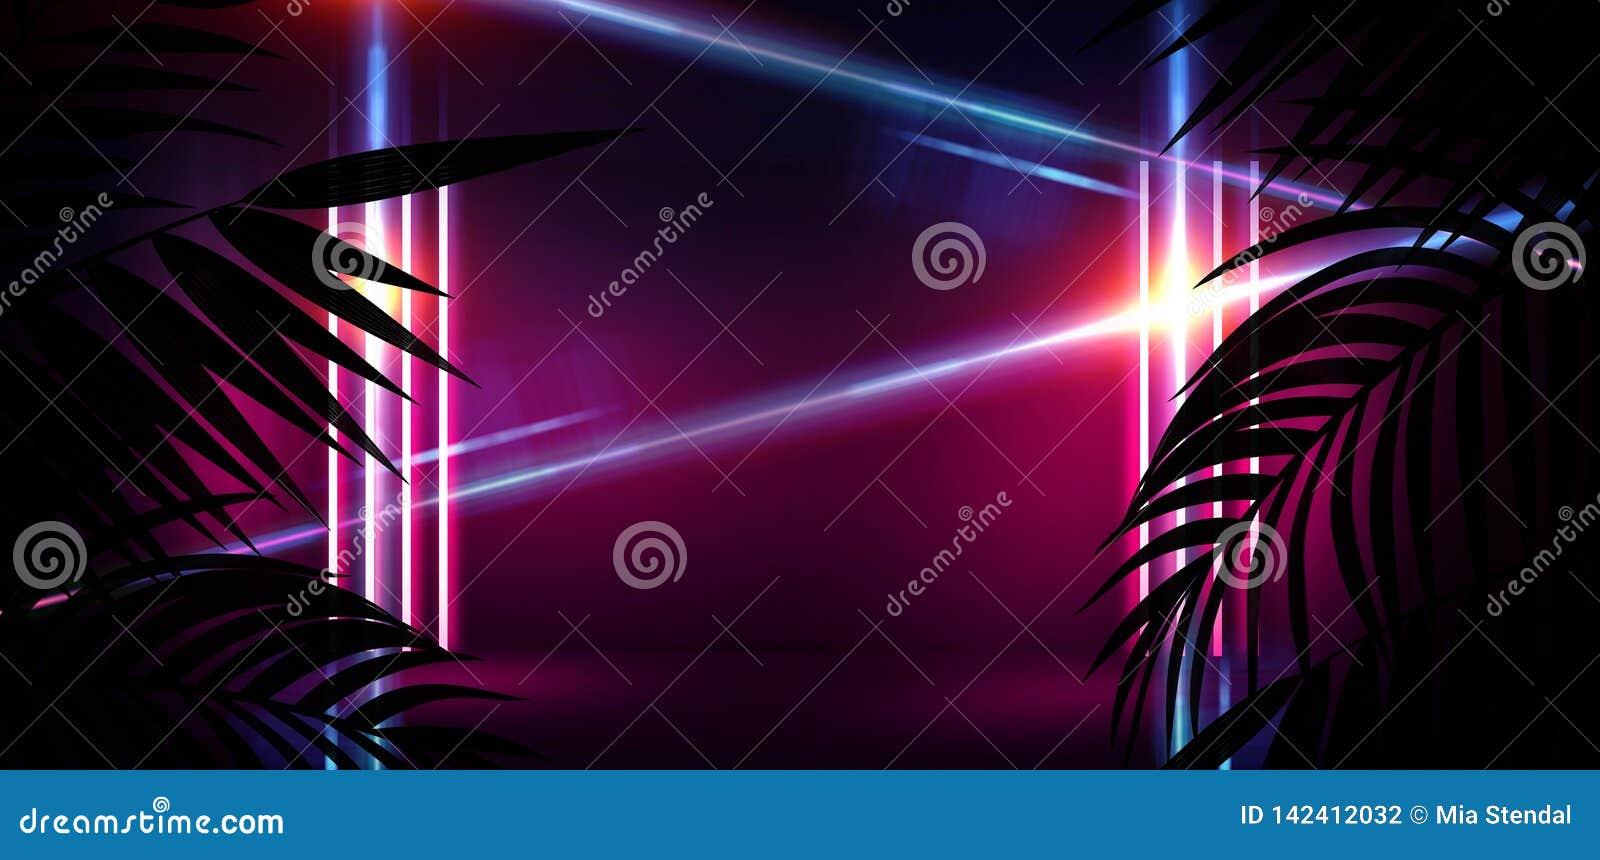 Tło ciemny pokój, tunel, korytarz, neonowy światło, lampy, tropikalni liście